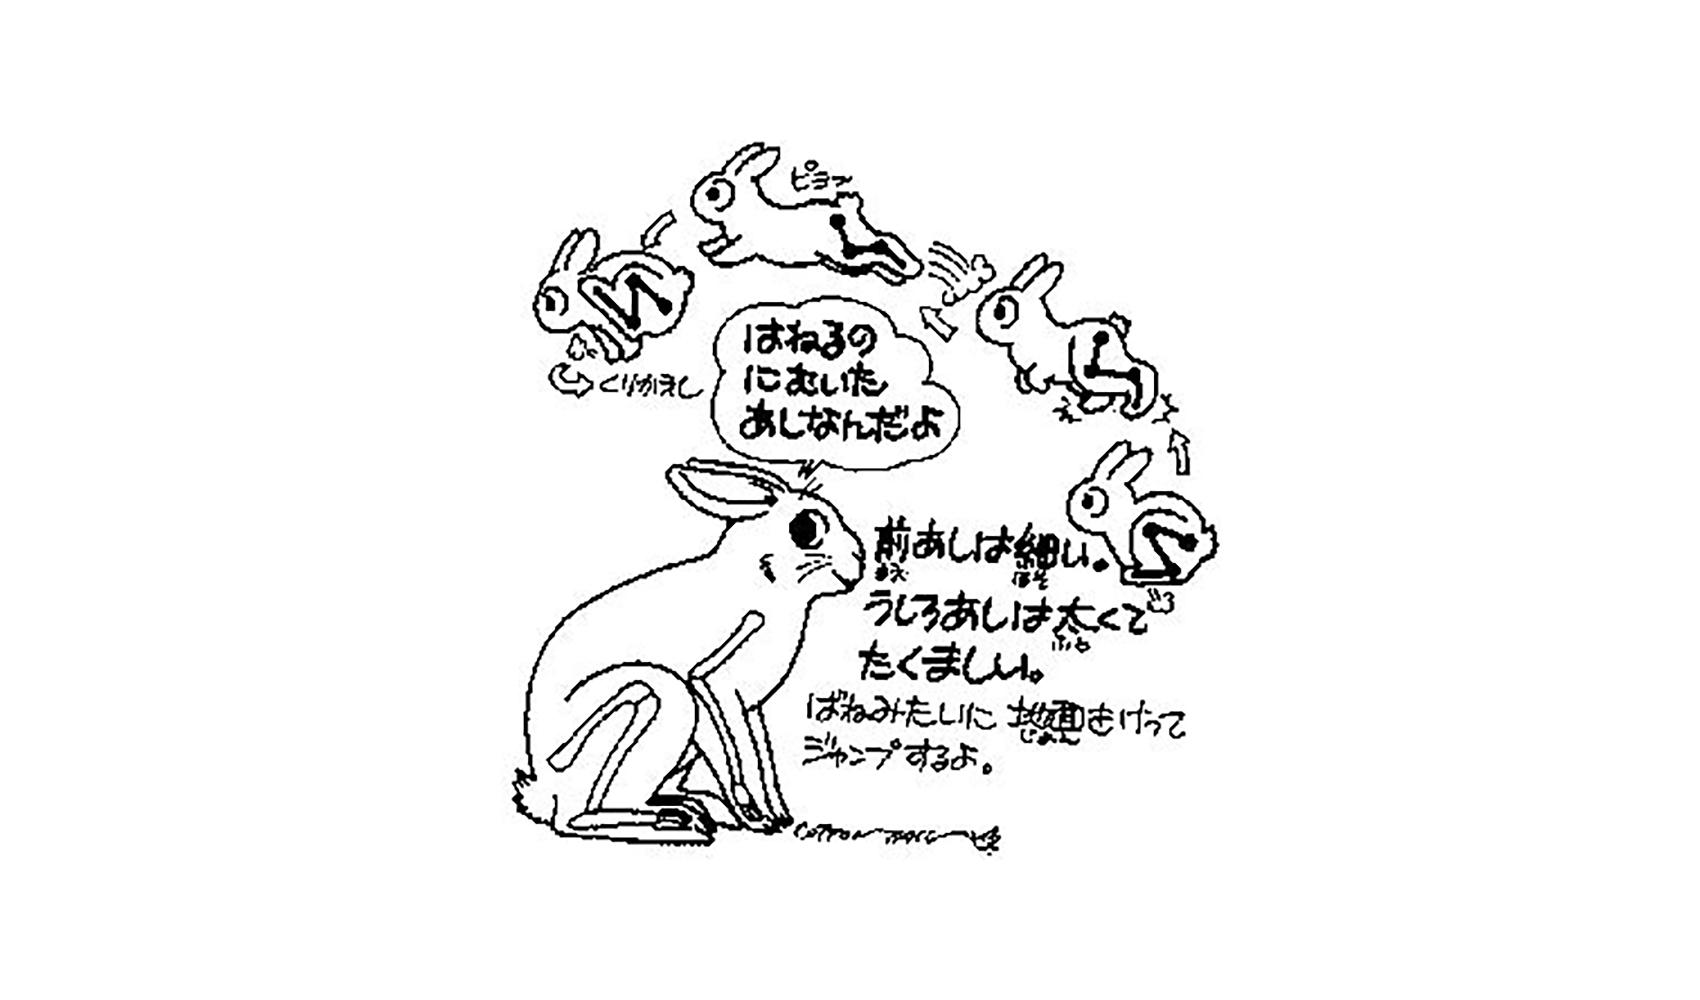 ウサギはなぜはねるの